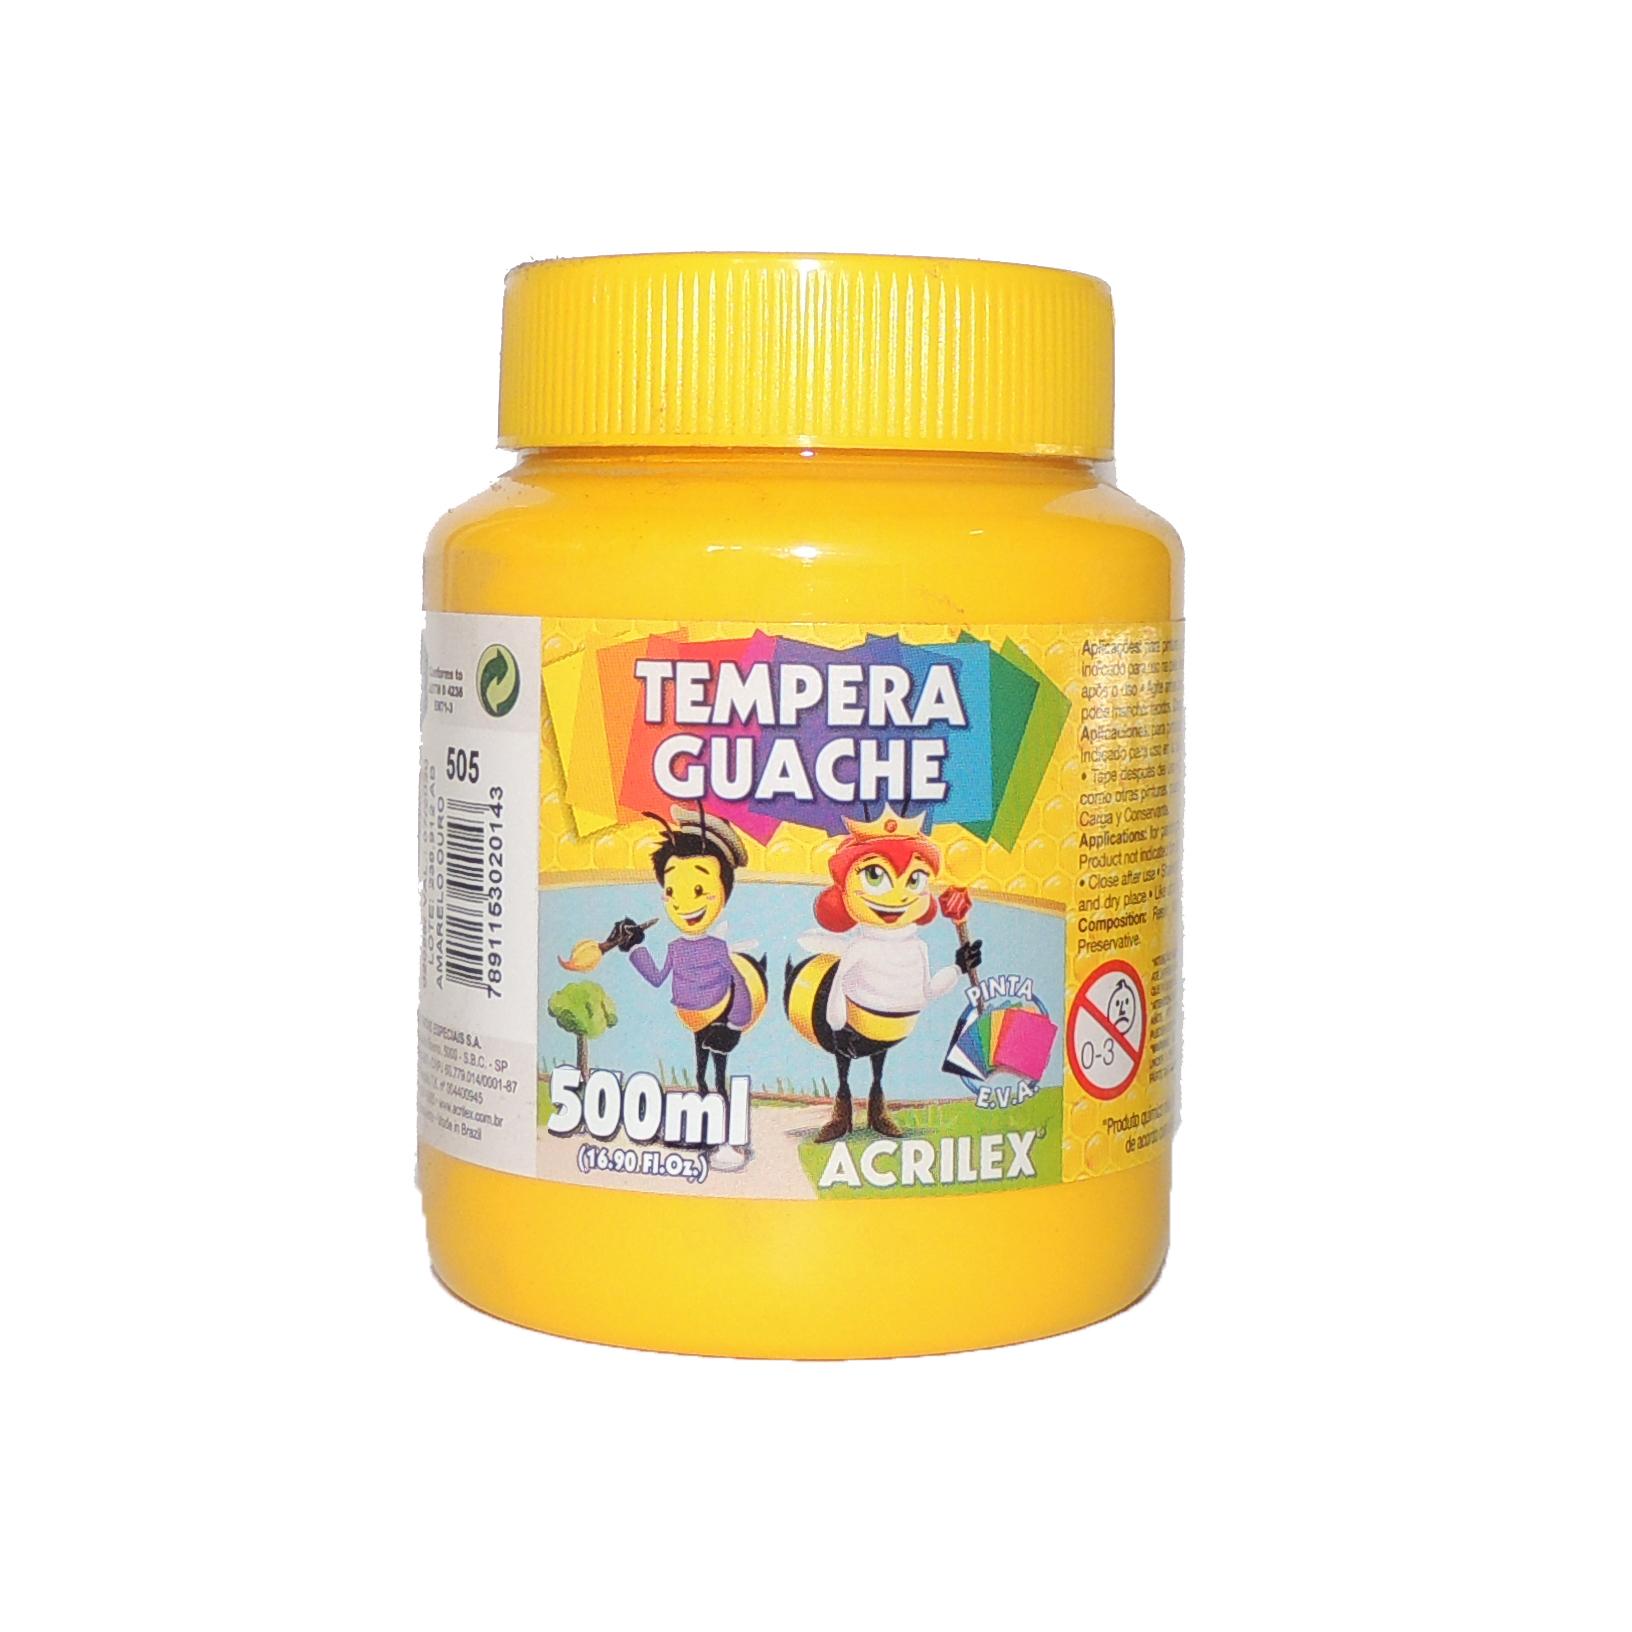 /tempera-guache-500-ml-505-amarelo-ouro